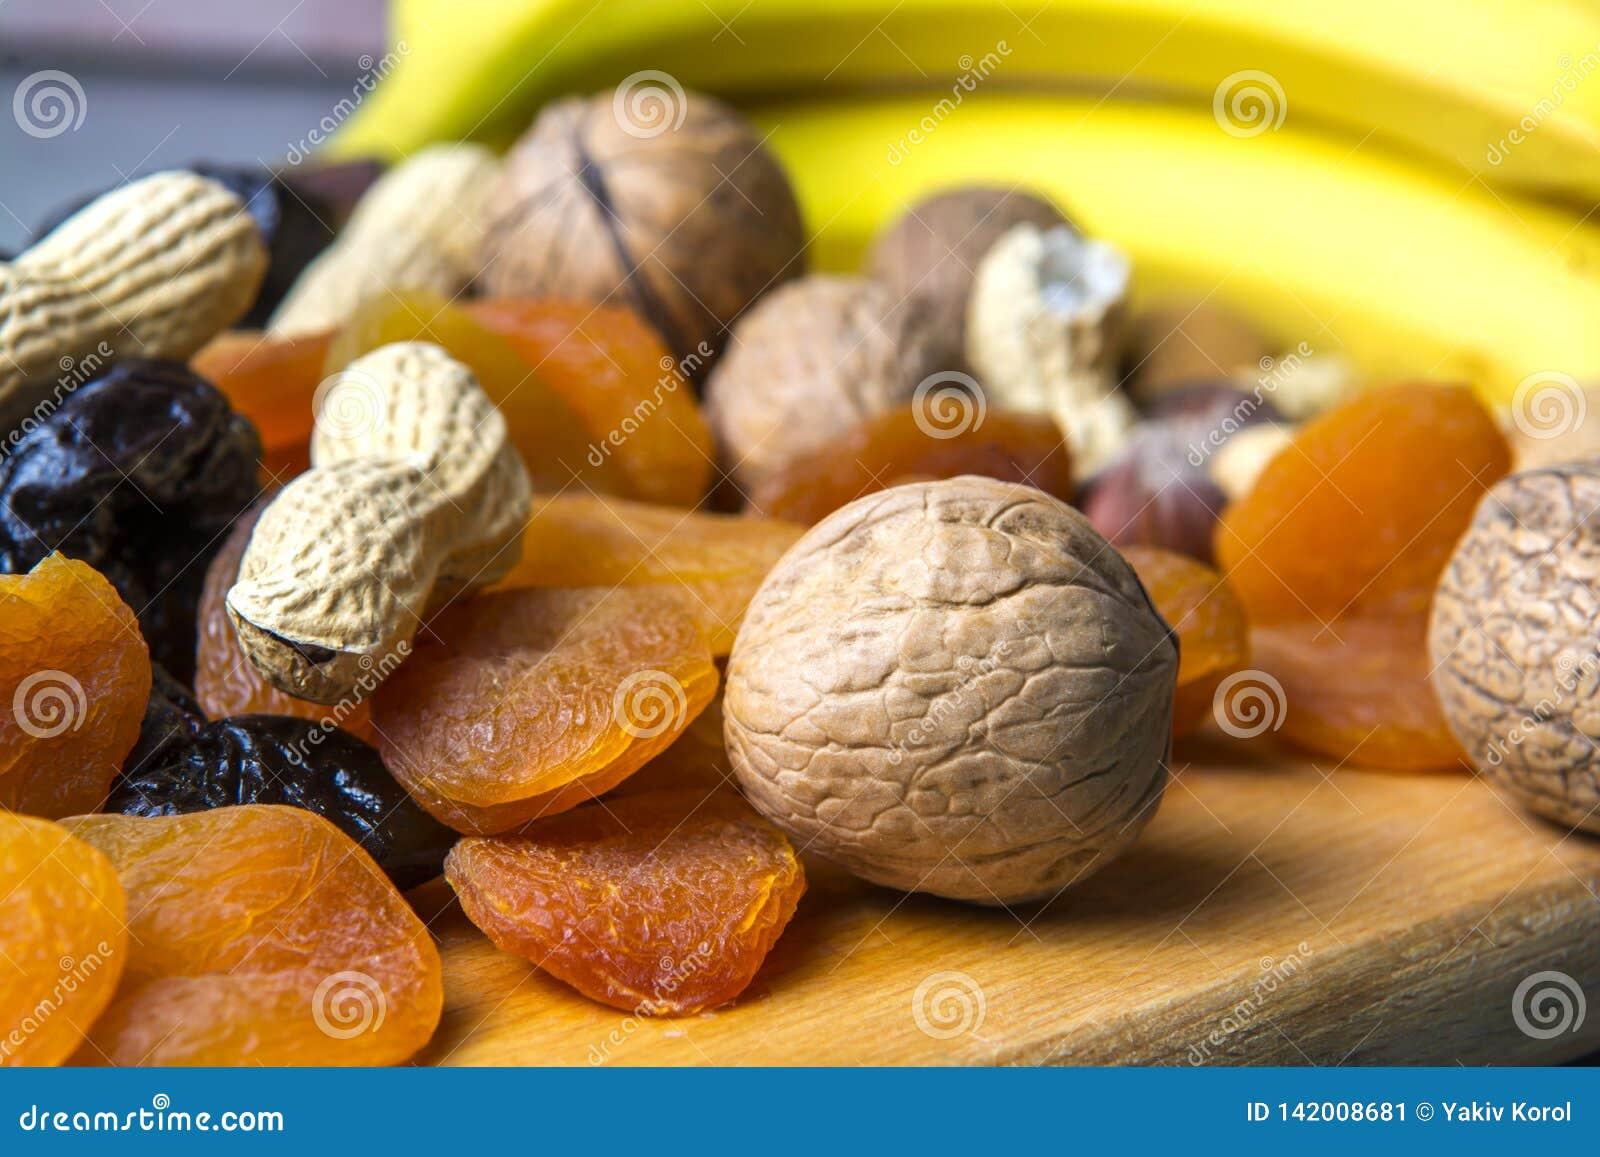 Jarski jedzenie dokrętki i wysuszone owoc na kuchni wsiadamy